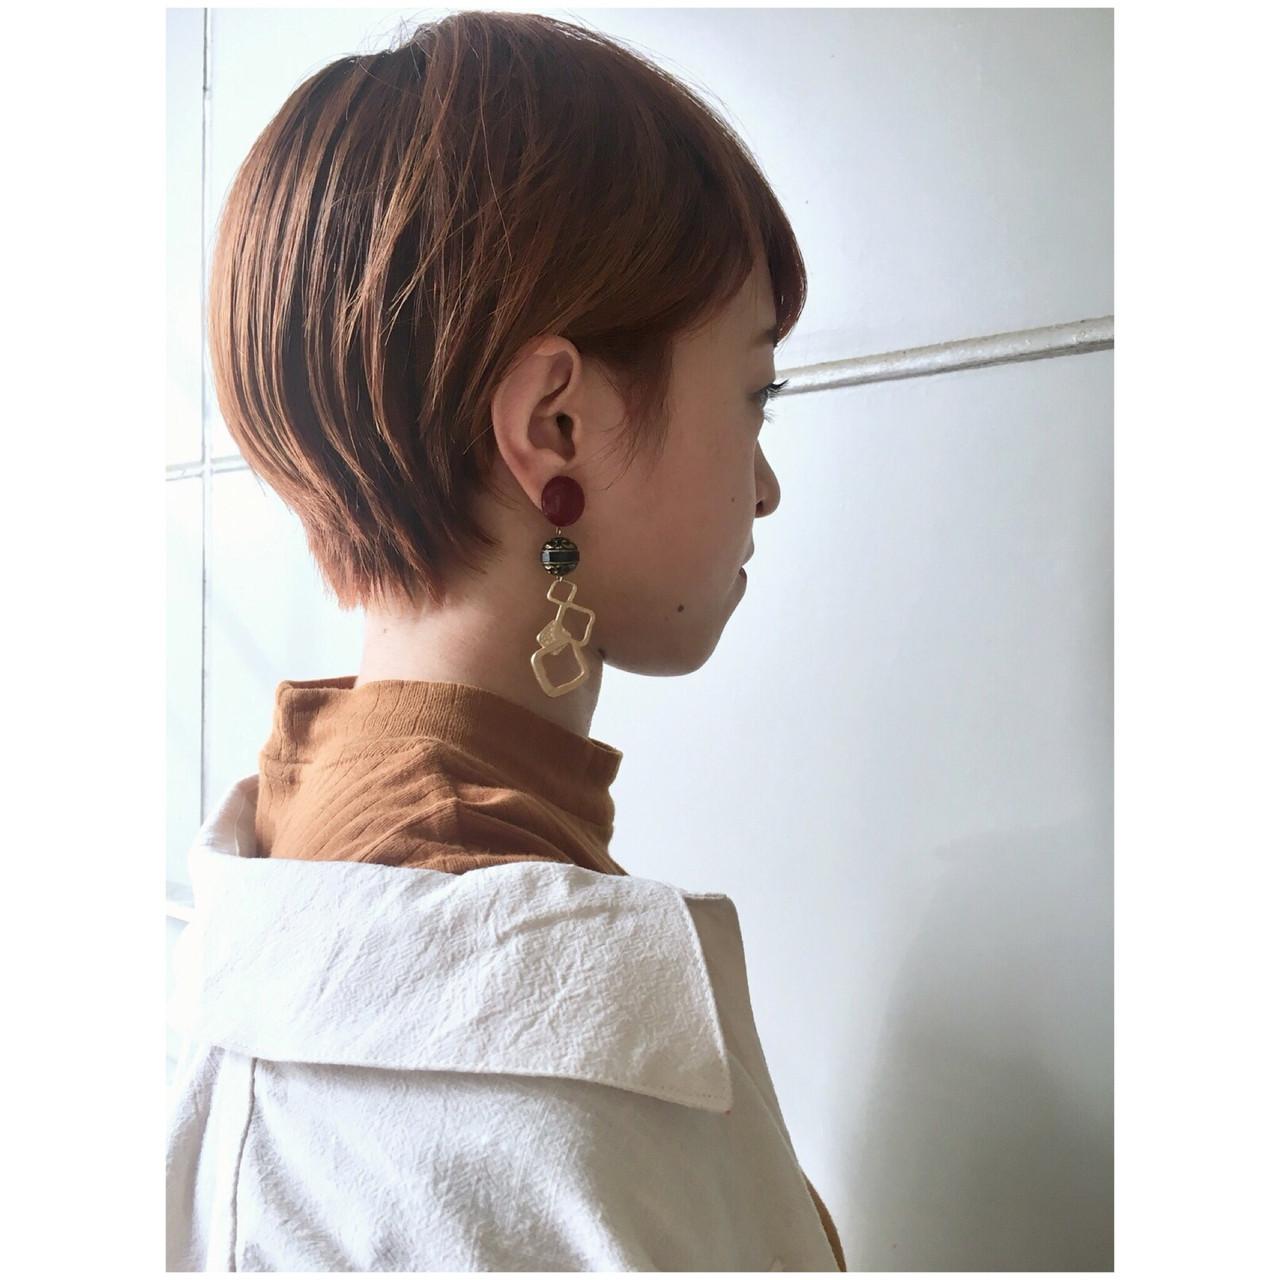 ショートボブ ナチュラル ショート オレンジベージュ ヘアスタイルや髪型の写真・画像 | Yumi Hiramatsu / Sourire Imaizumi【スーリール イマイズミ】